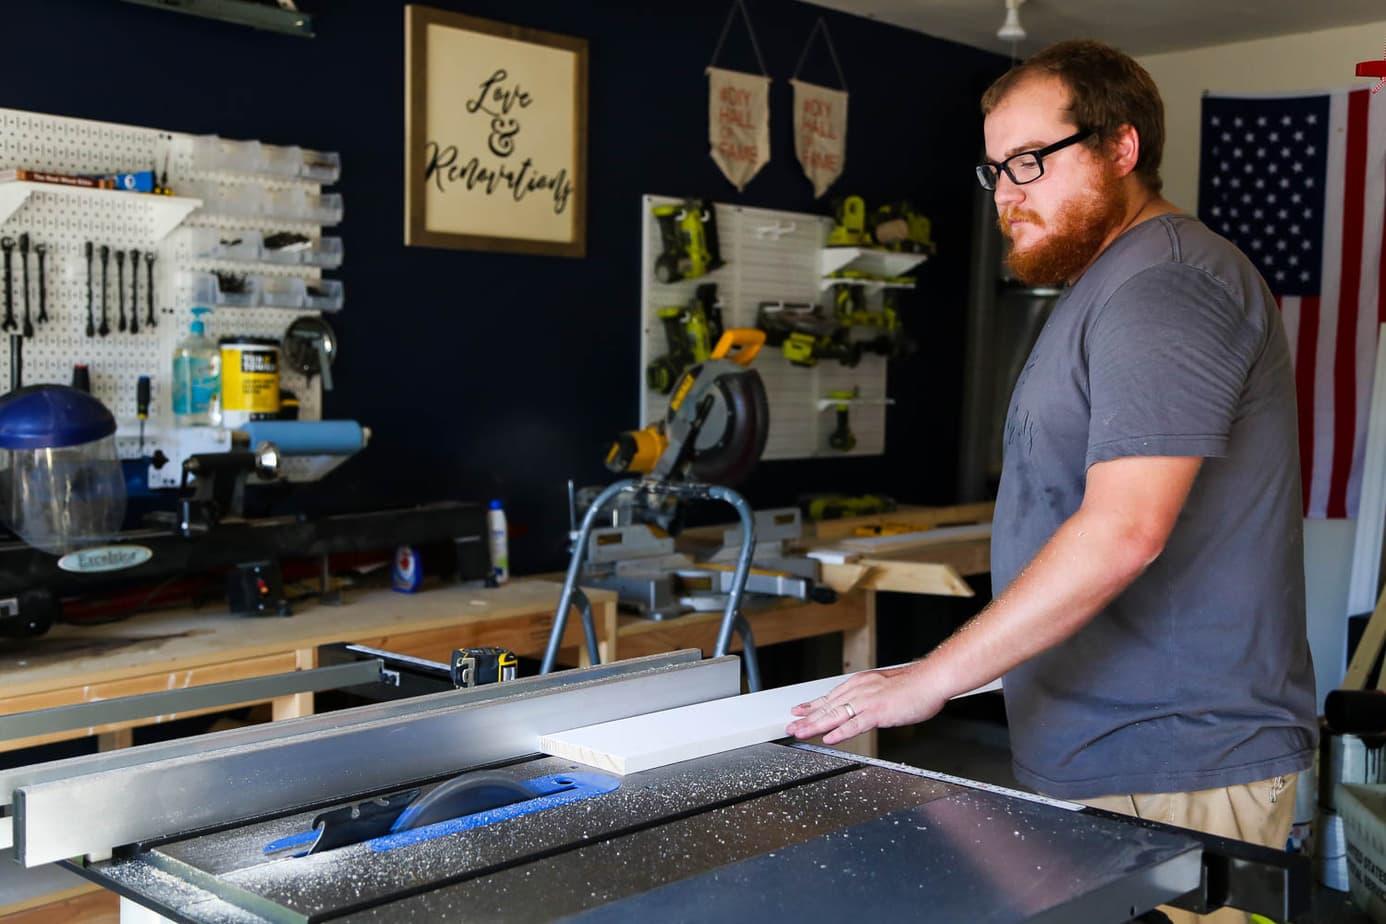 cutting windowsill for DIY window trim